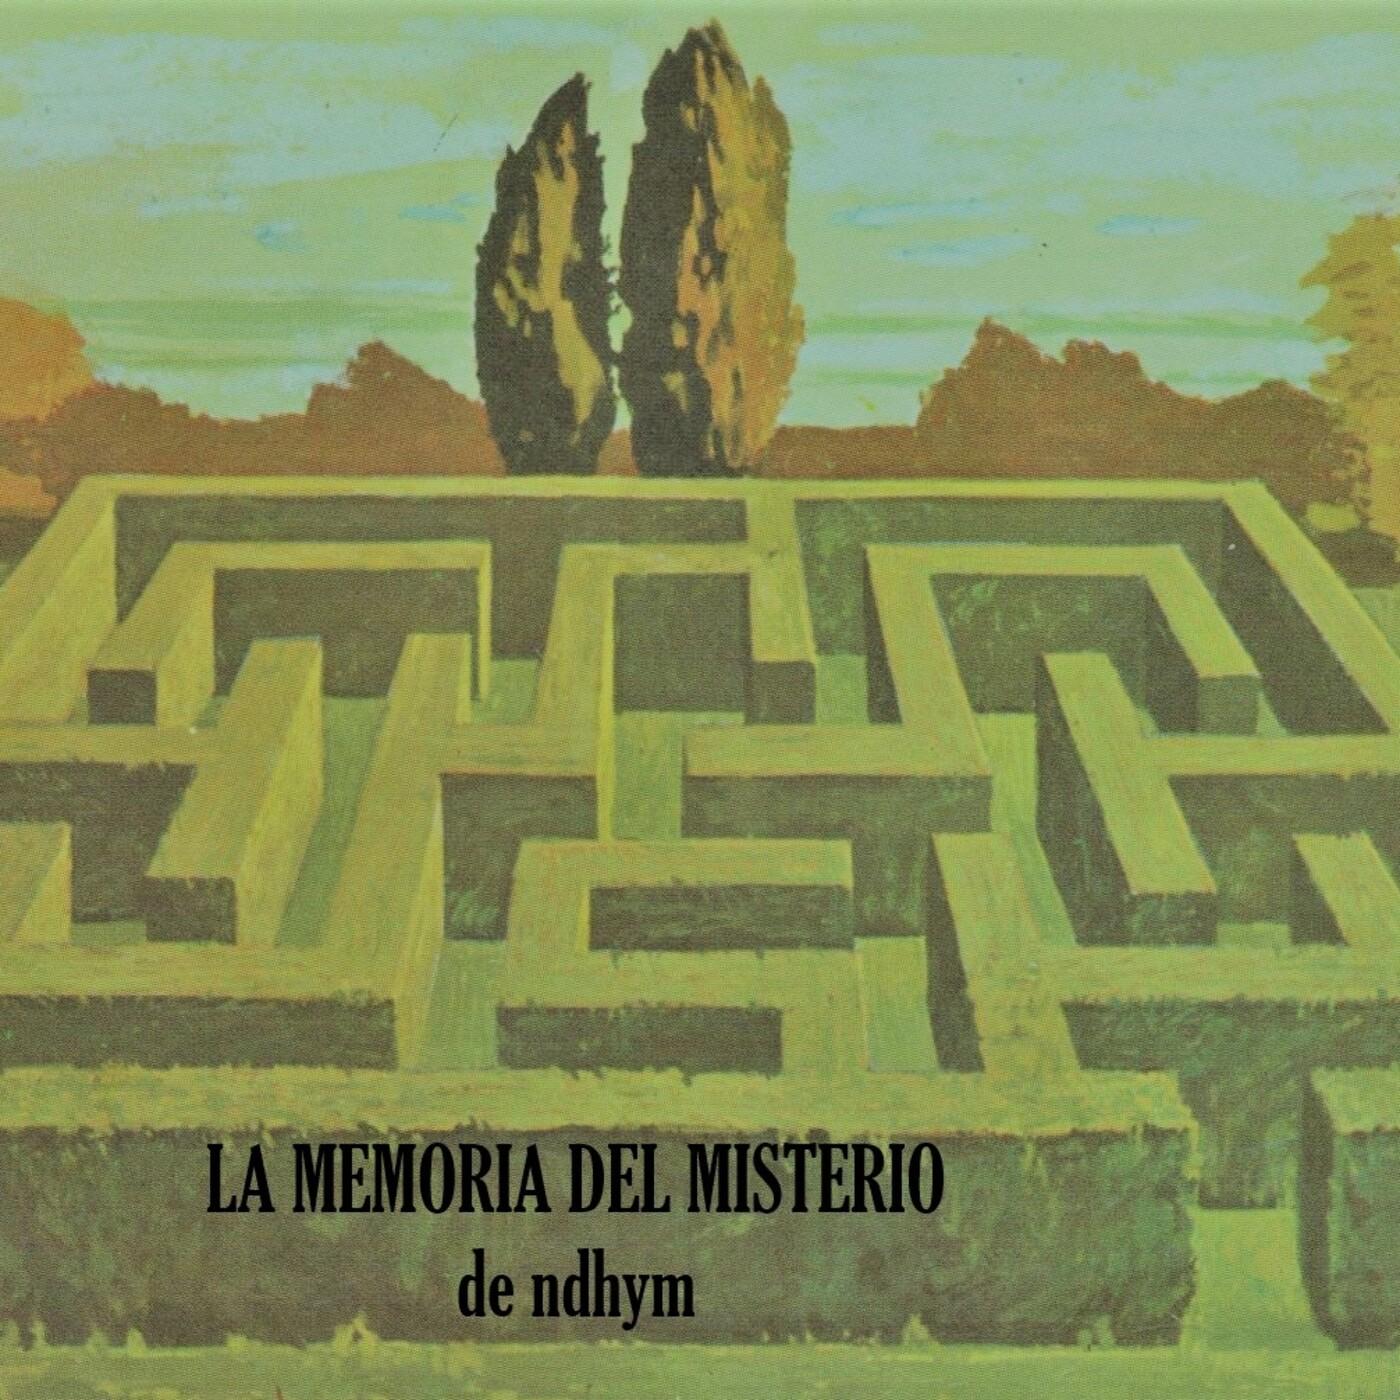 La Memoria del Misterio de ndhym. Archivo Espiritismo